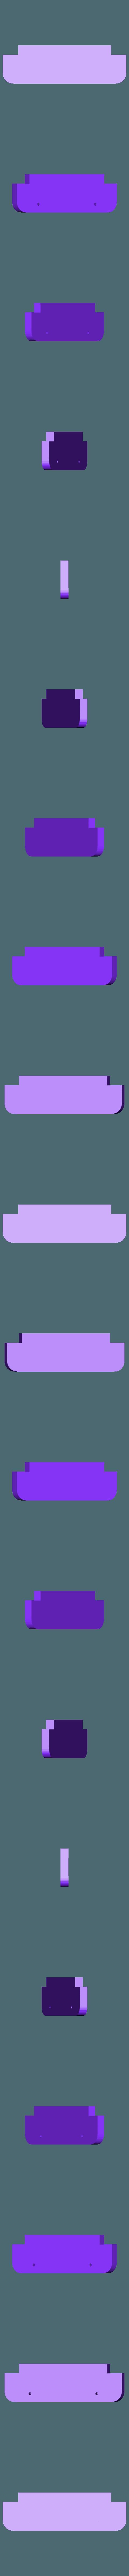 bottom_frame_CUT_REAR.stl Télécharger fichier STL gratuit Ghostbuster Ghostbuster Ghosttrap • Modèle pour impression 3D, SLIDES